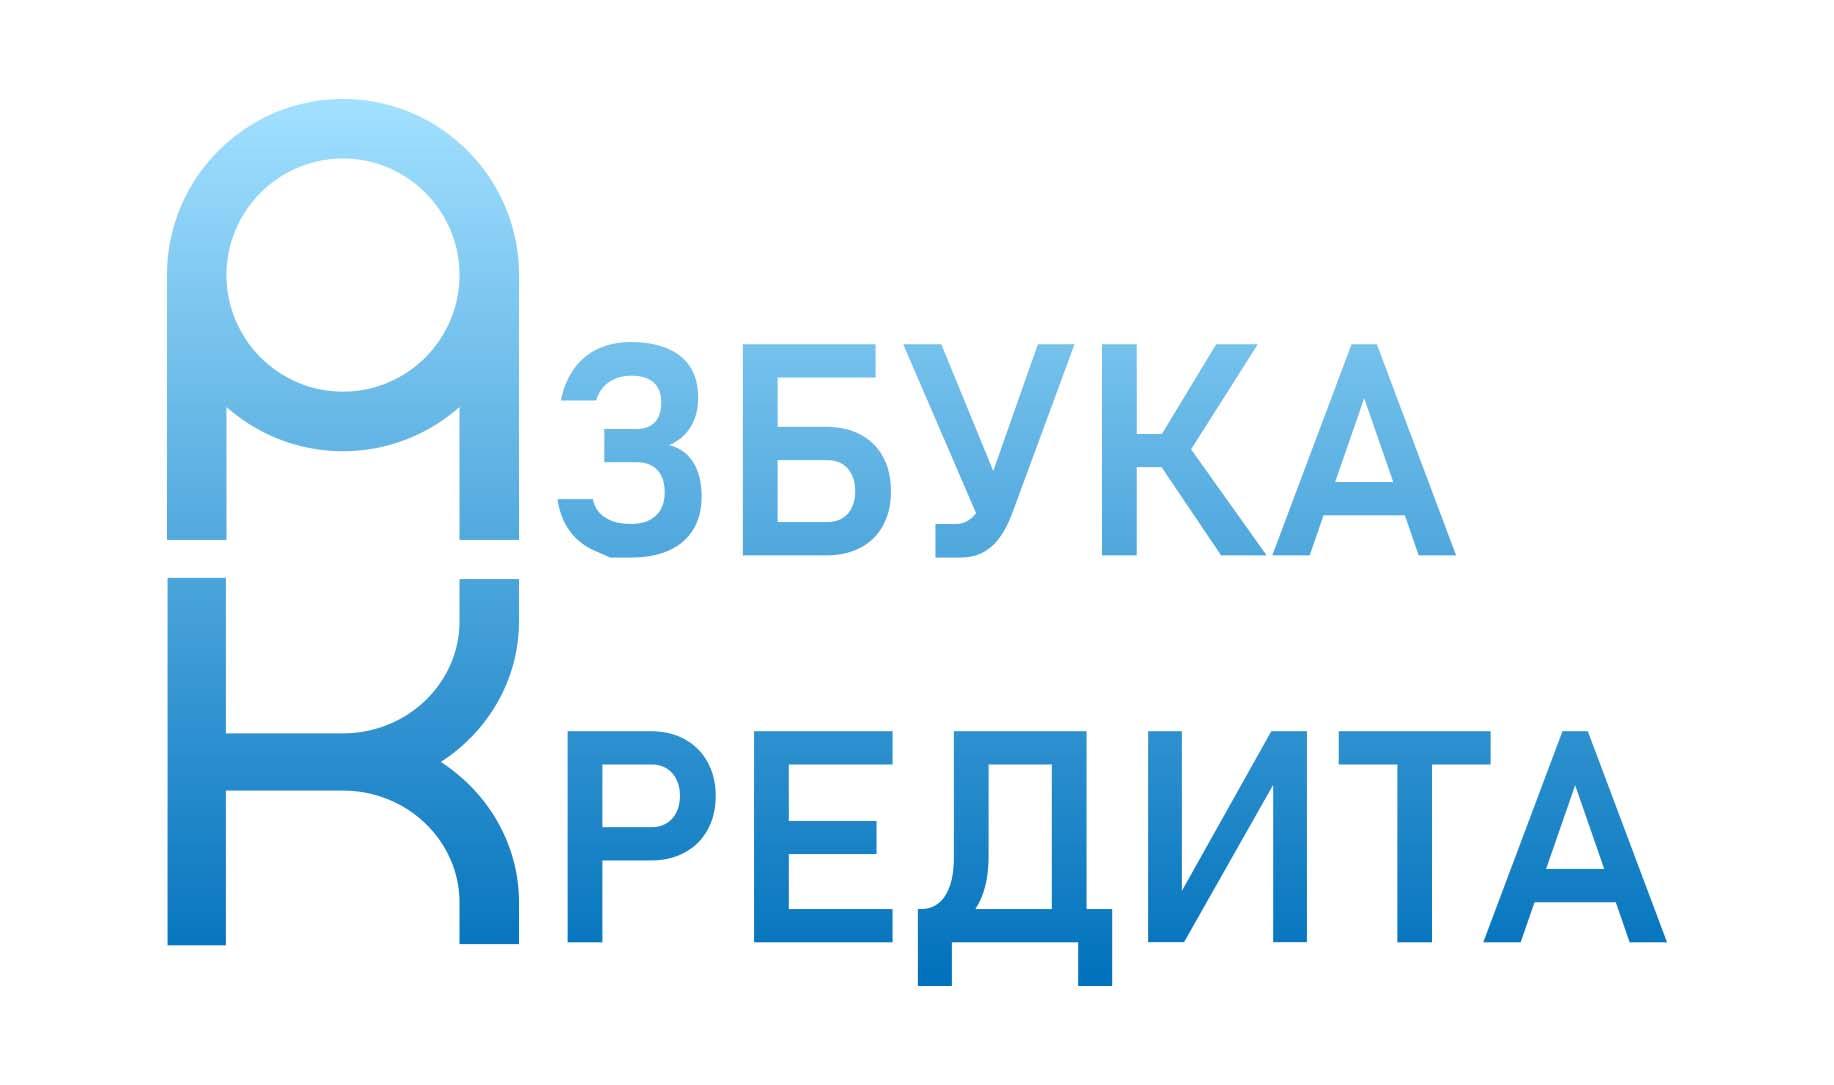 Разработать логотип для финансовой компании фото f_9885de3dc7b1b802.jpg